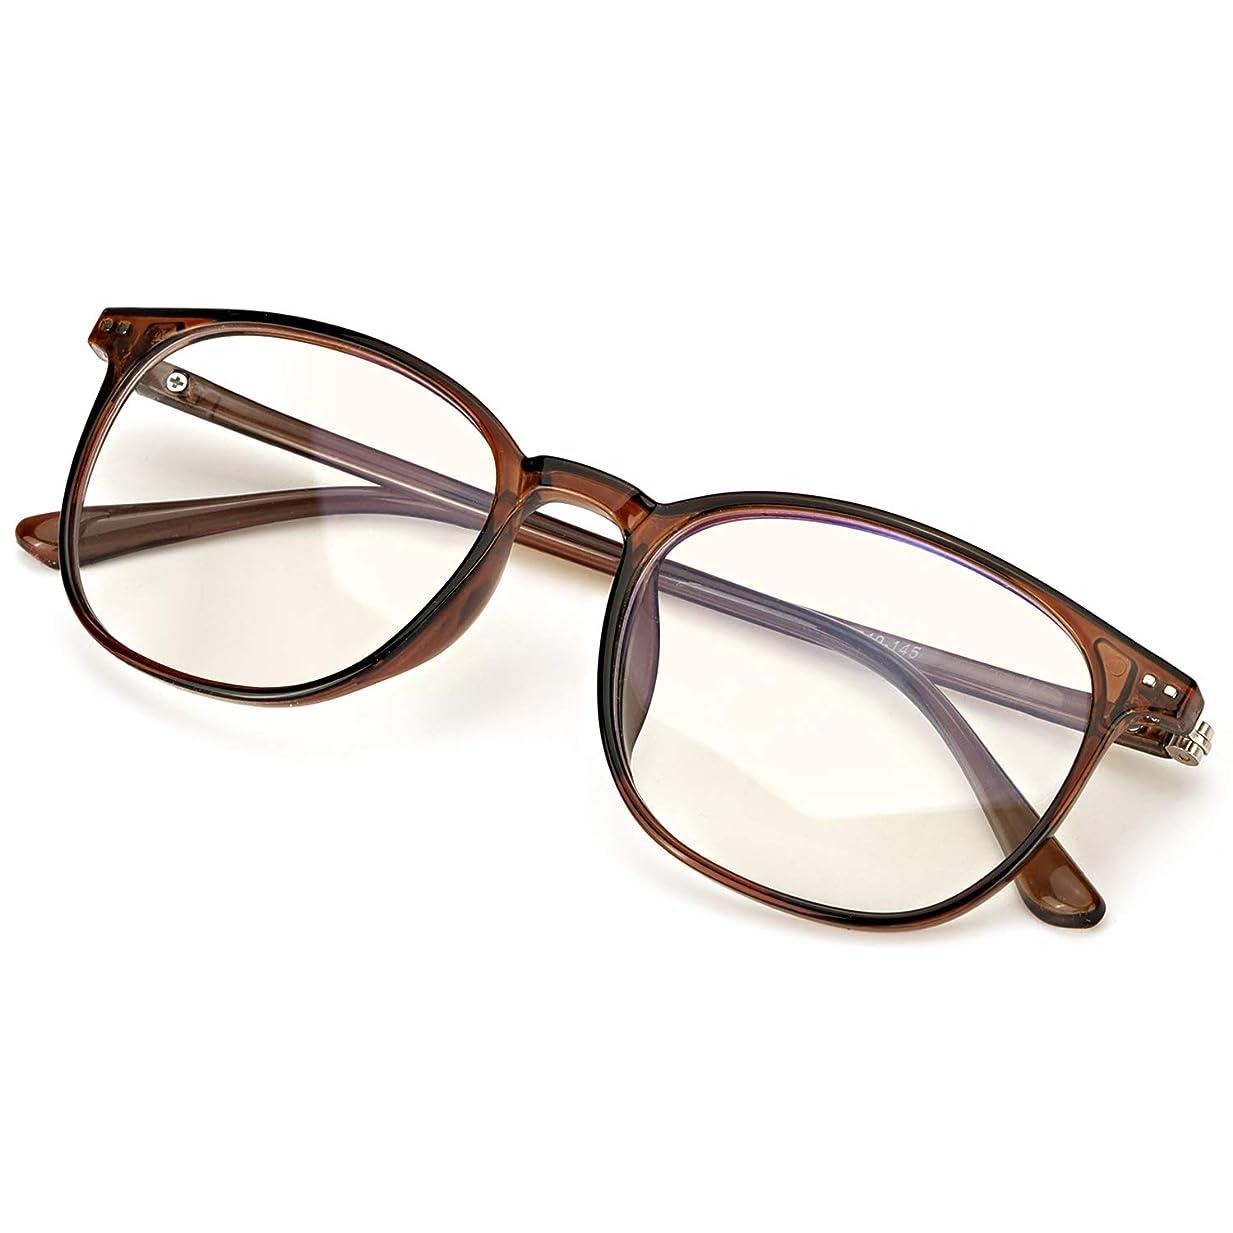 すすり泣きチャペルアラブSIPHEW ブルーライトカット メガネ[度なしレンズ、UV400、視力保護 ] 伊達眼鏡 軽量 pcメガネ 男女兼用